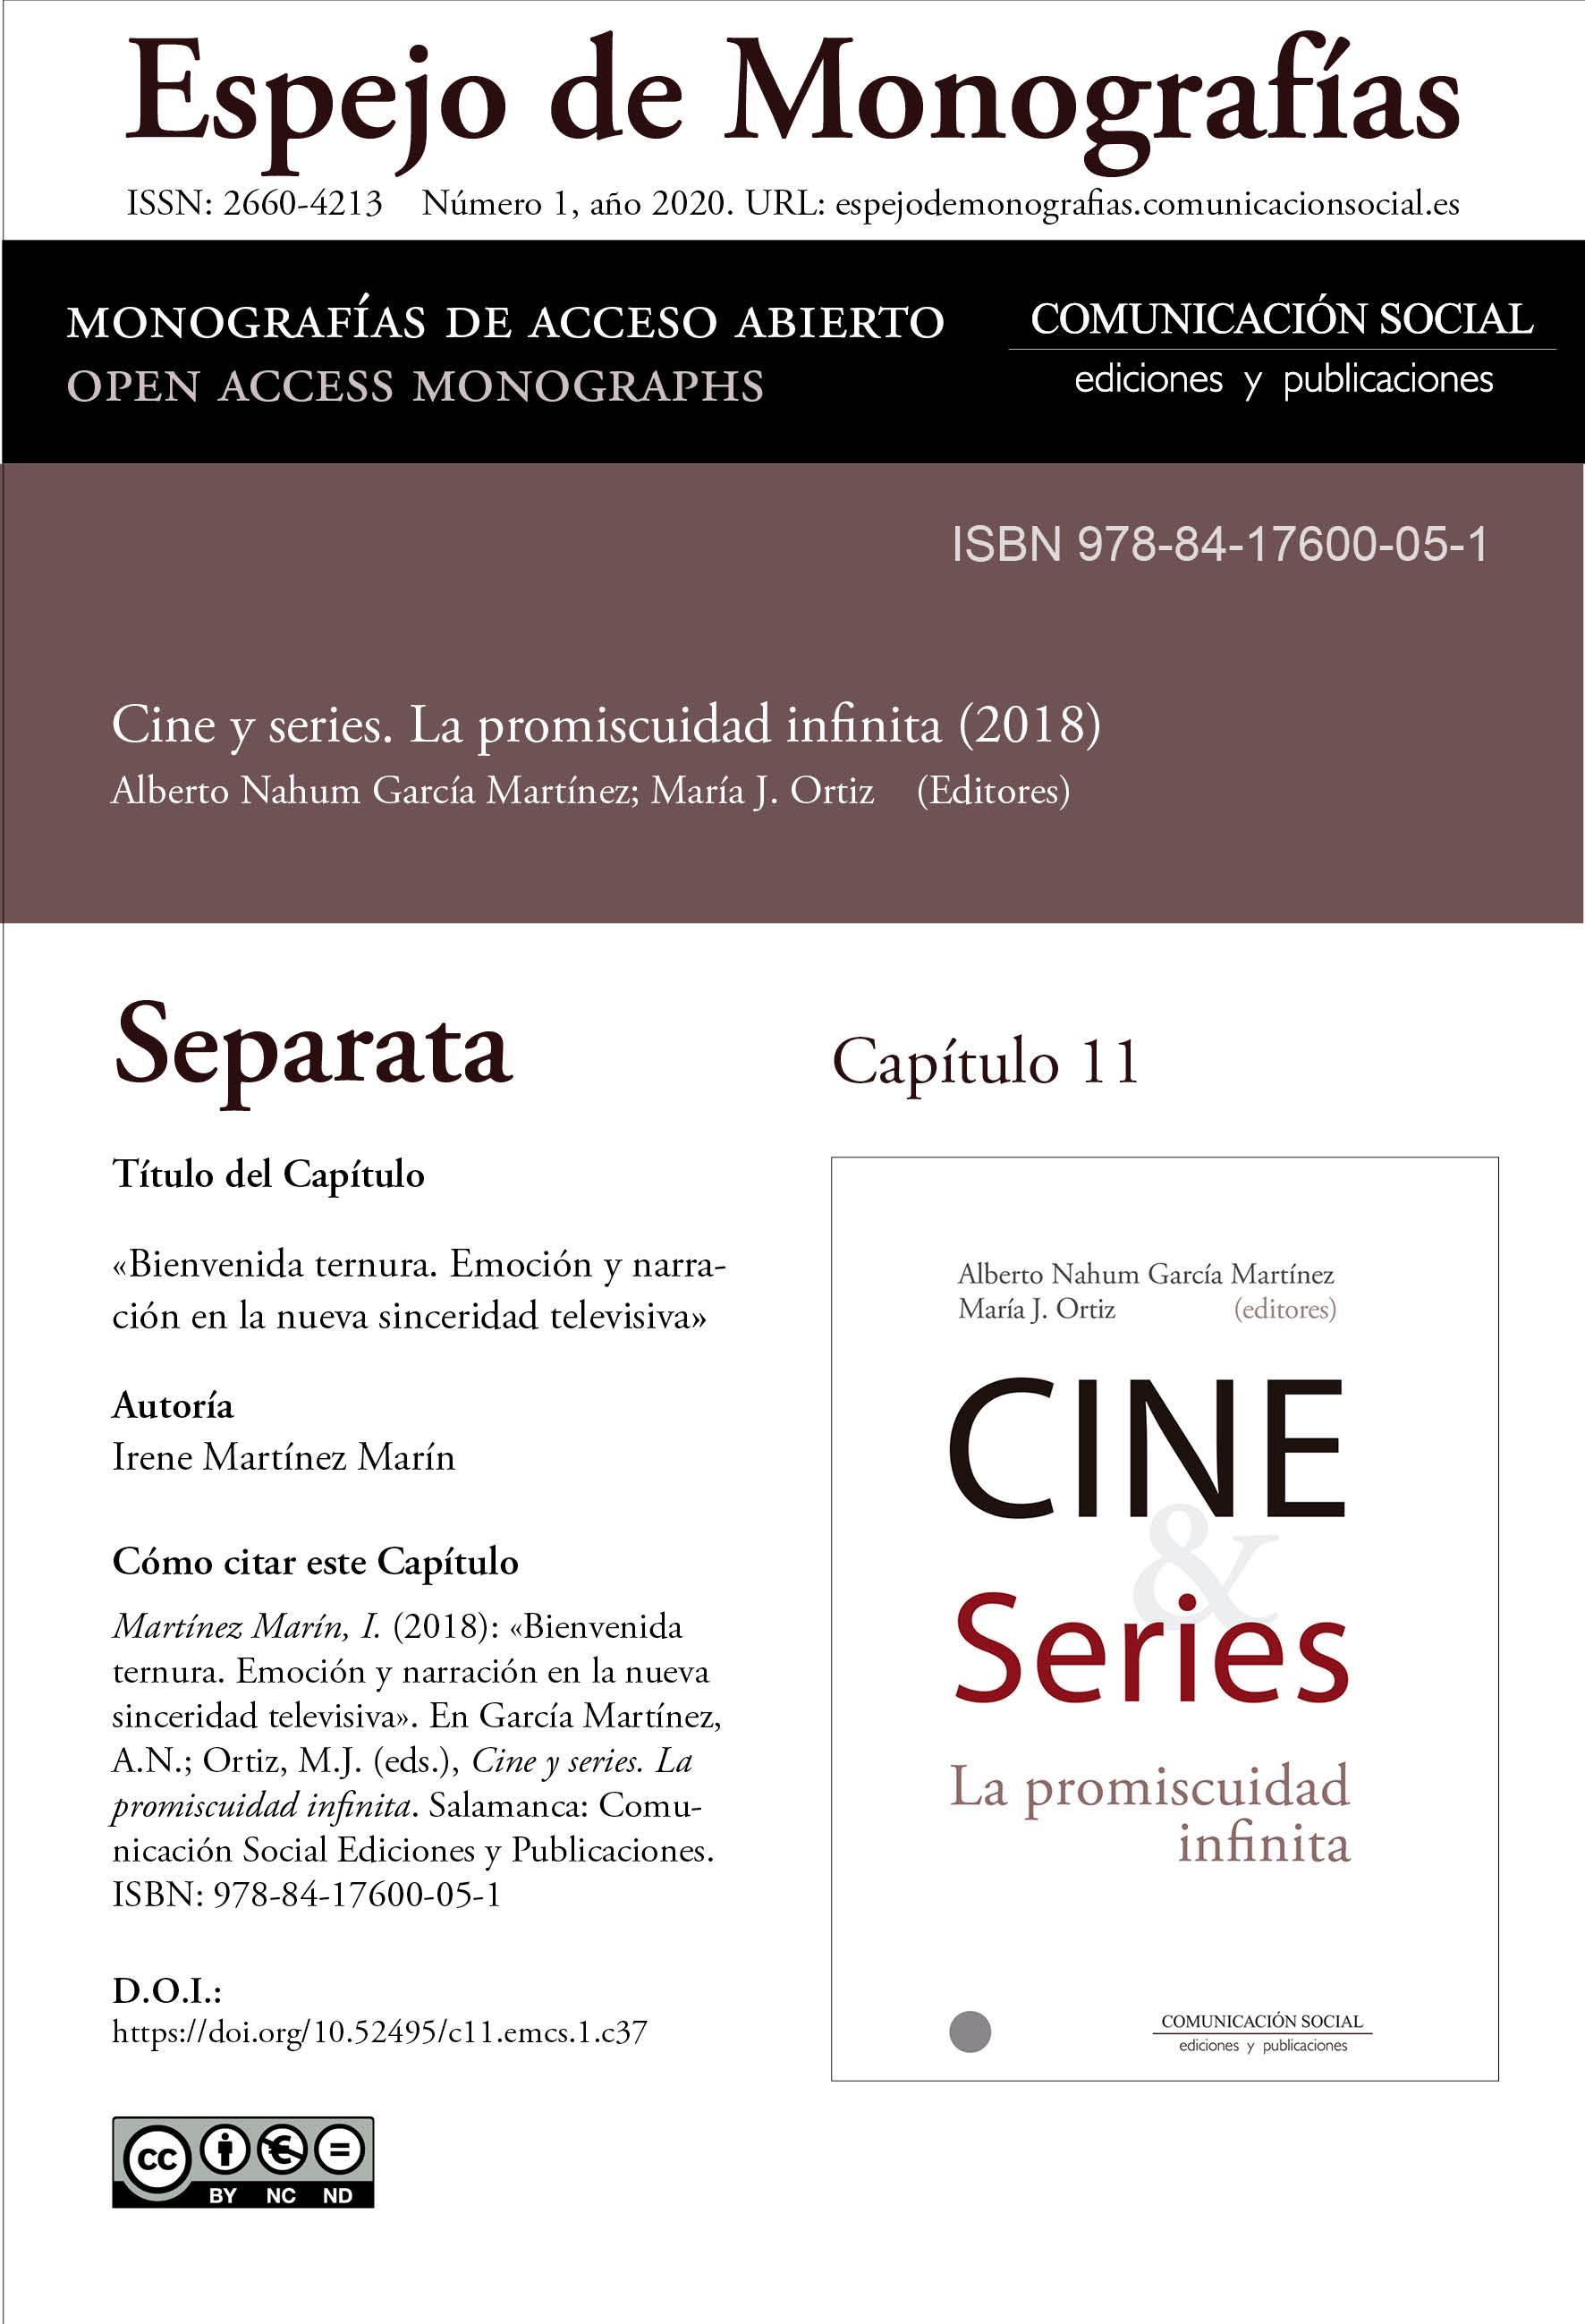 Separata del Capítulo 11 correspondiente a la monografía Cine y series: la promiscuidad infinita